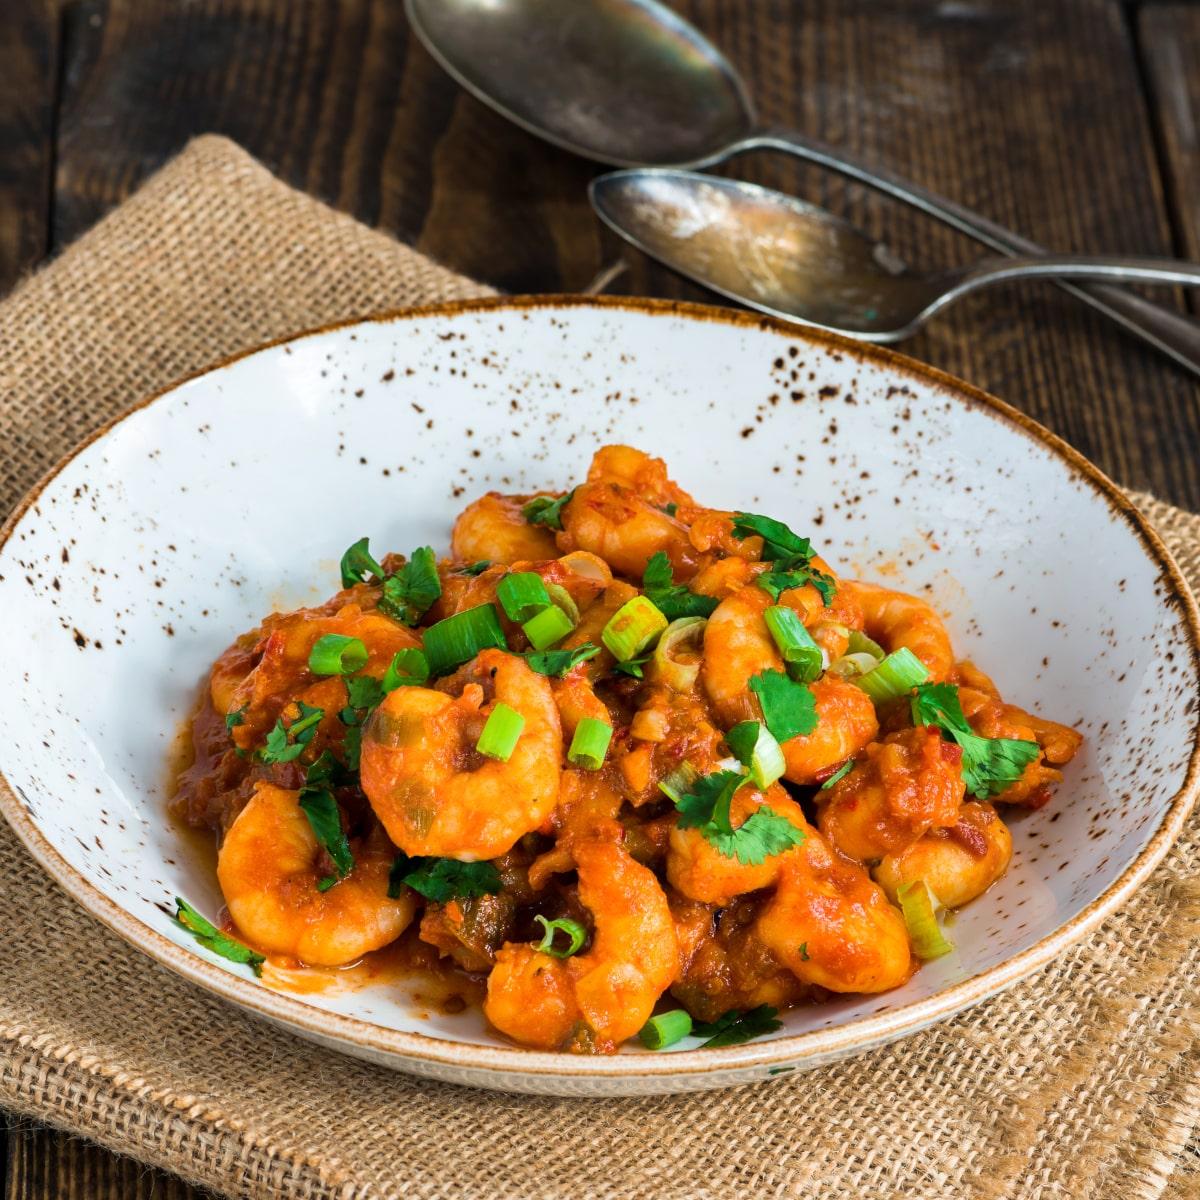 hunan shrimp served